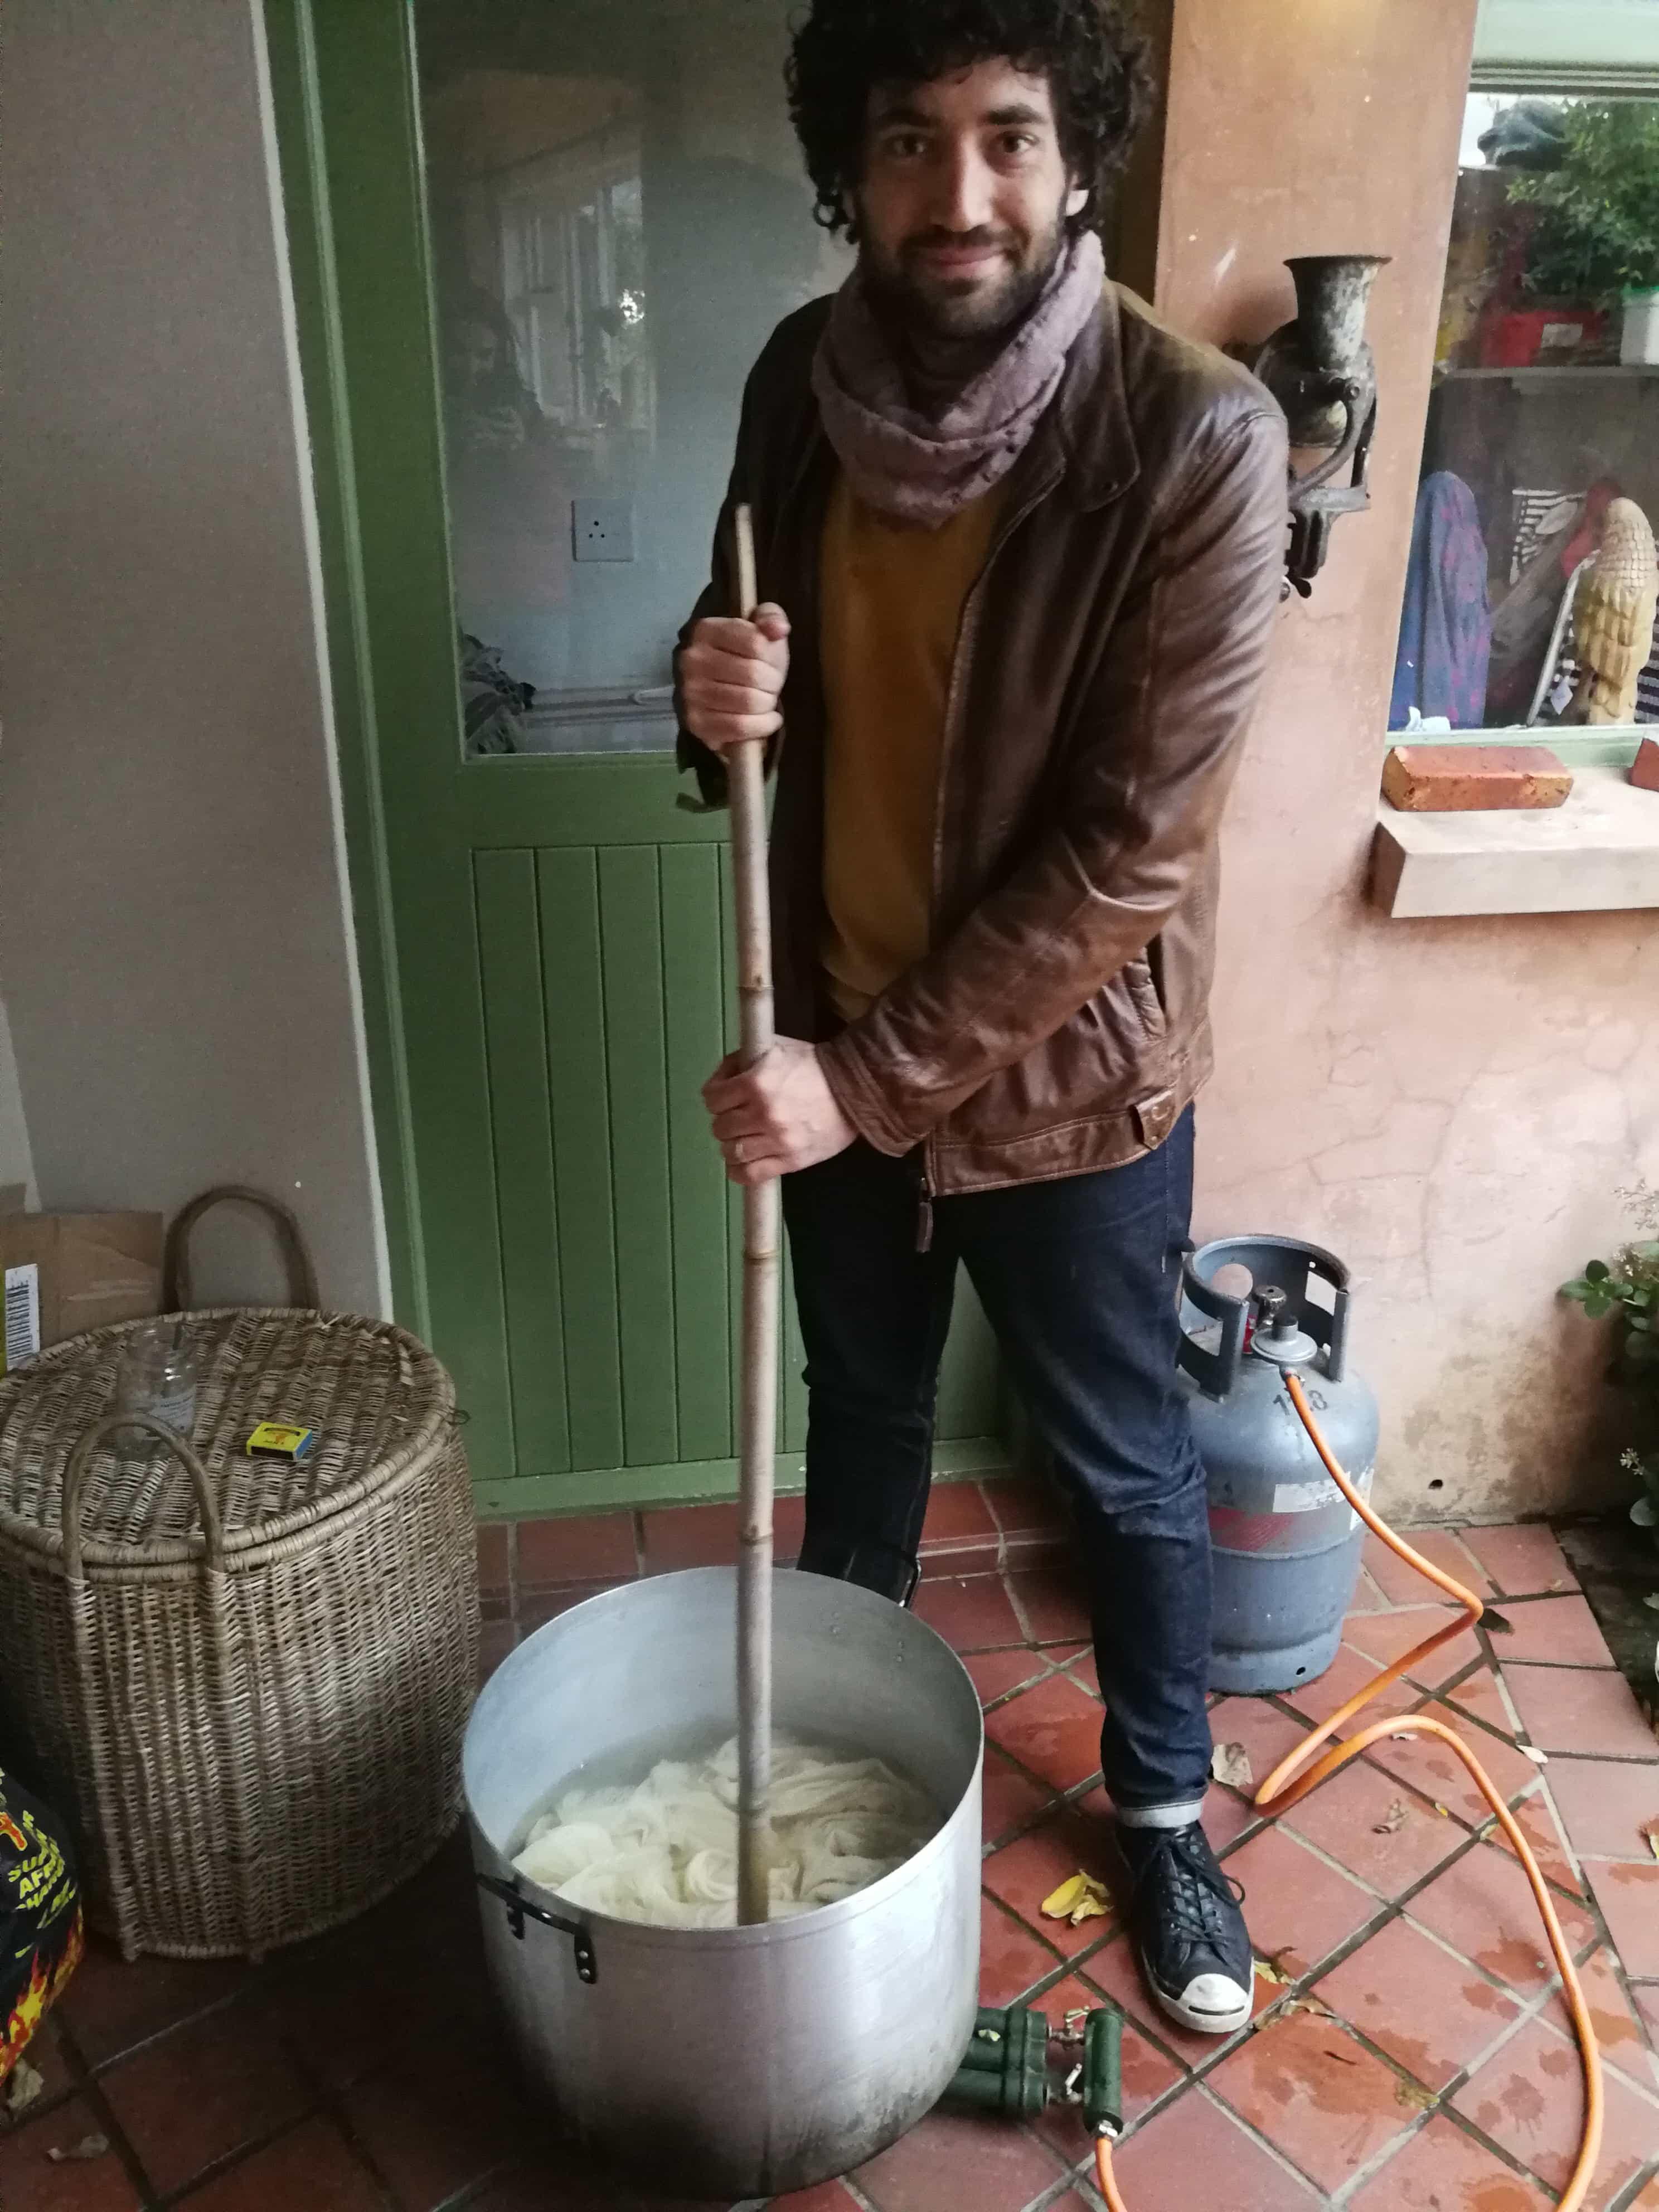 Craig dyeing using natural dye